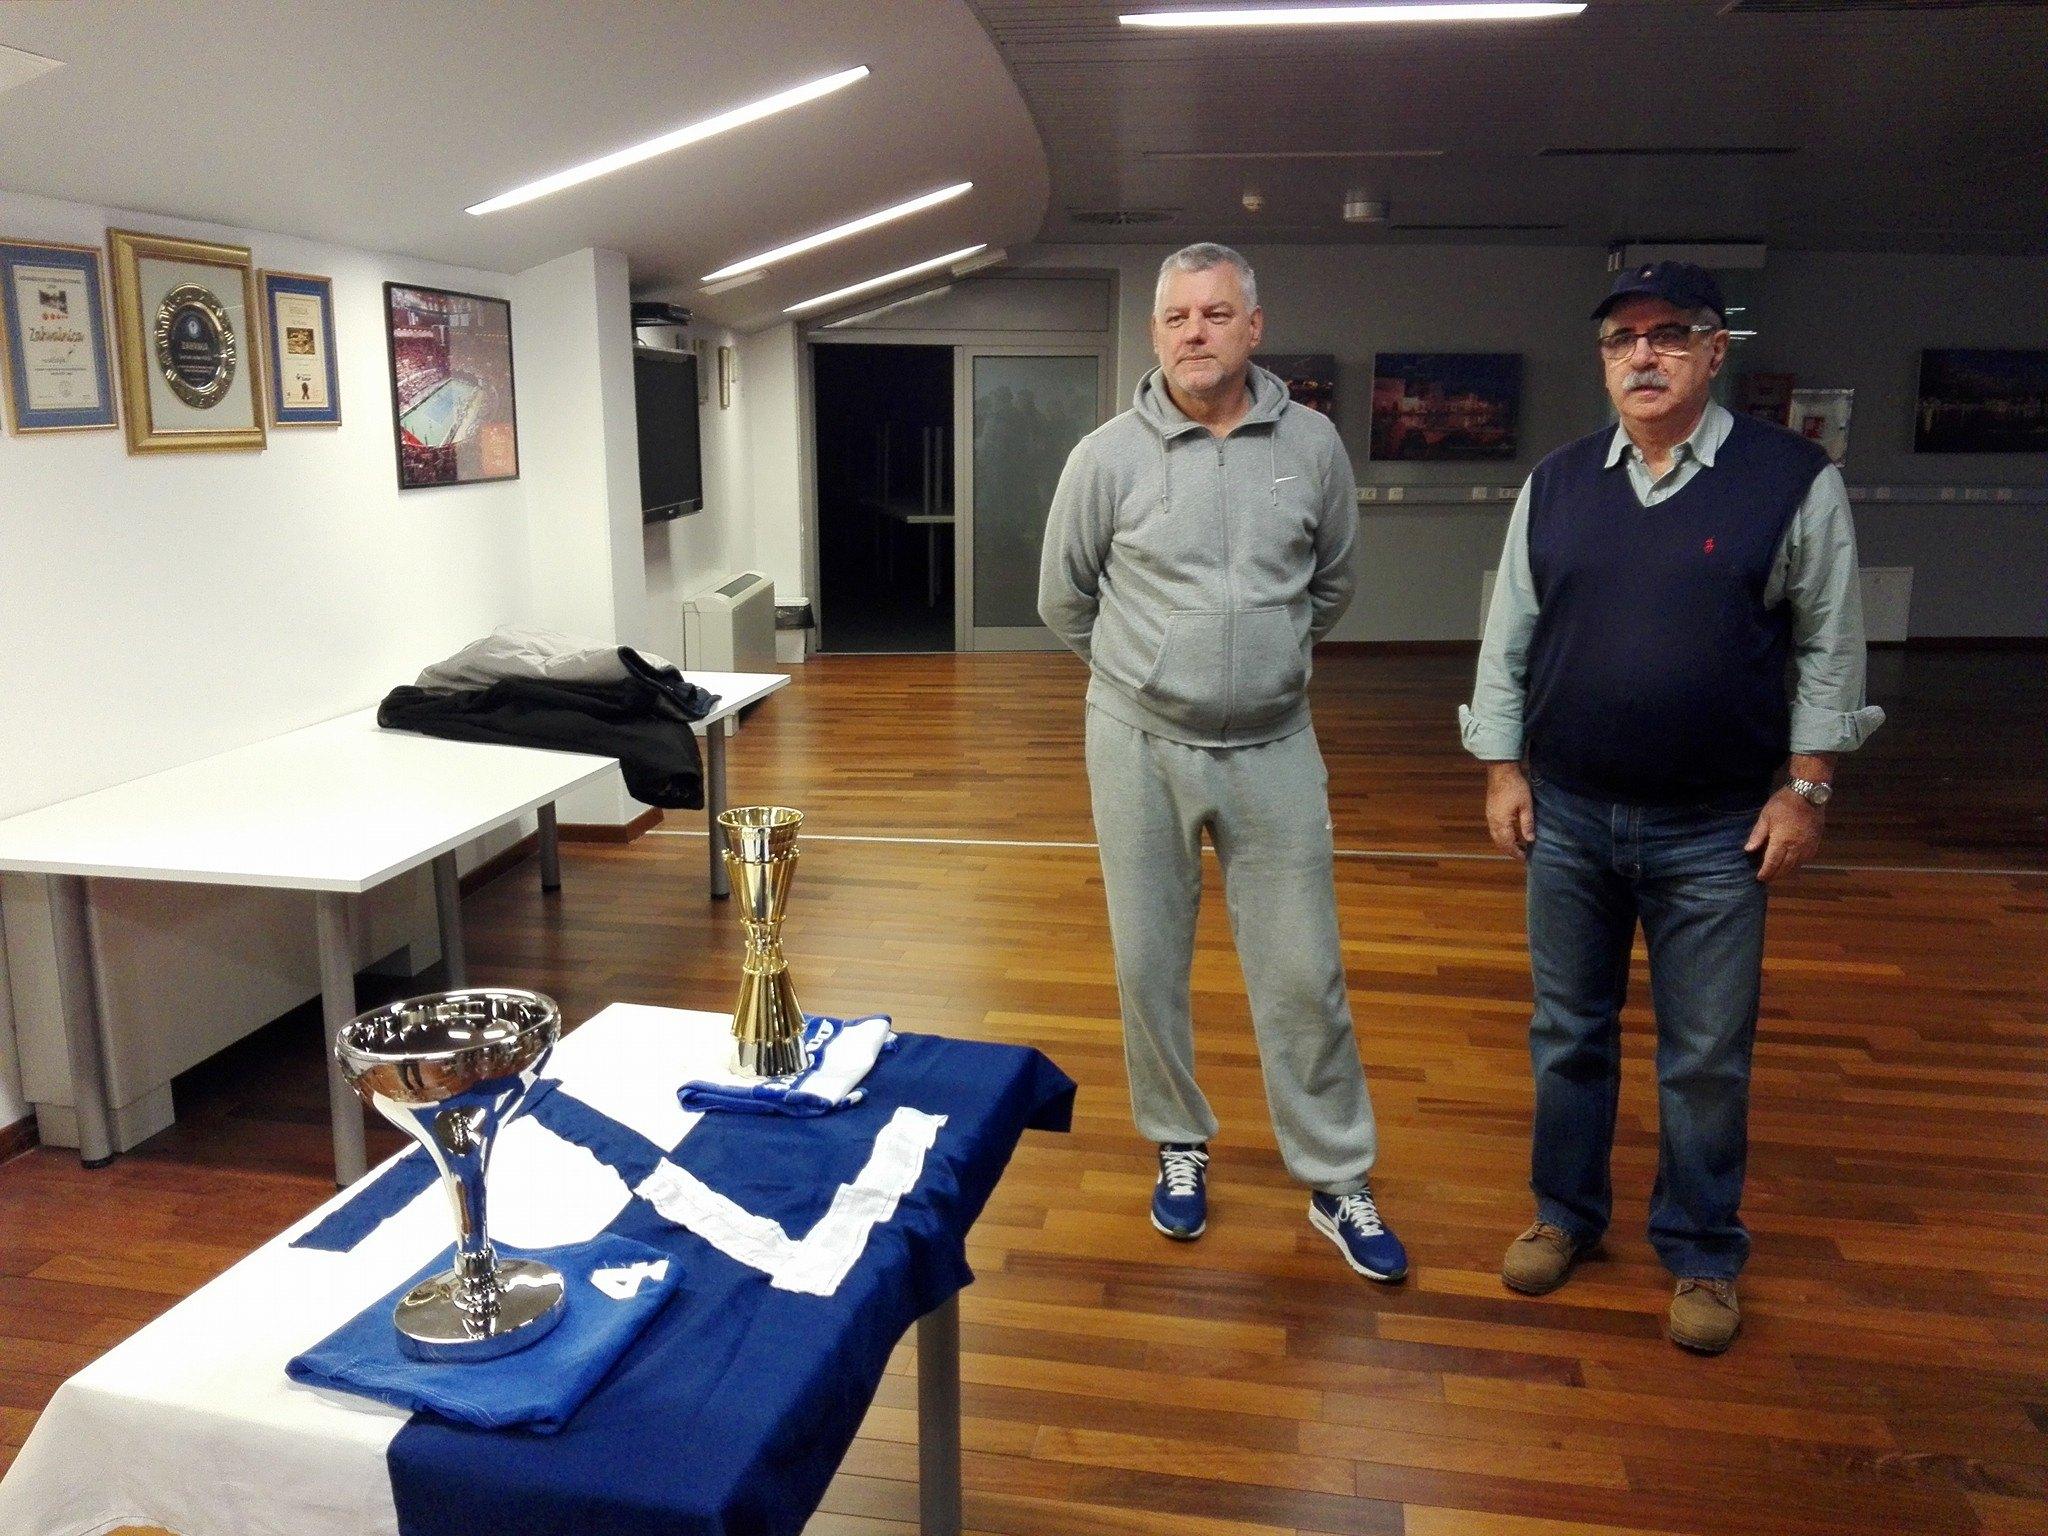 Pehari osvajača Kupa 1970. i prvenstva bivše države 1986. vraćeni u Krešin dom. Muzej zadarske košarke treba što prije ugledati svjetlo dana.